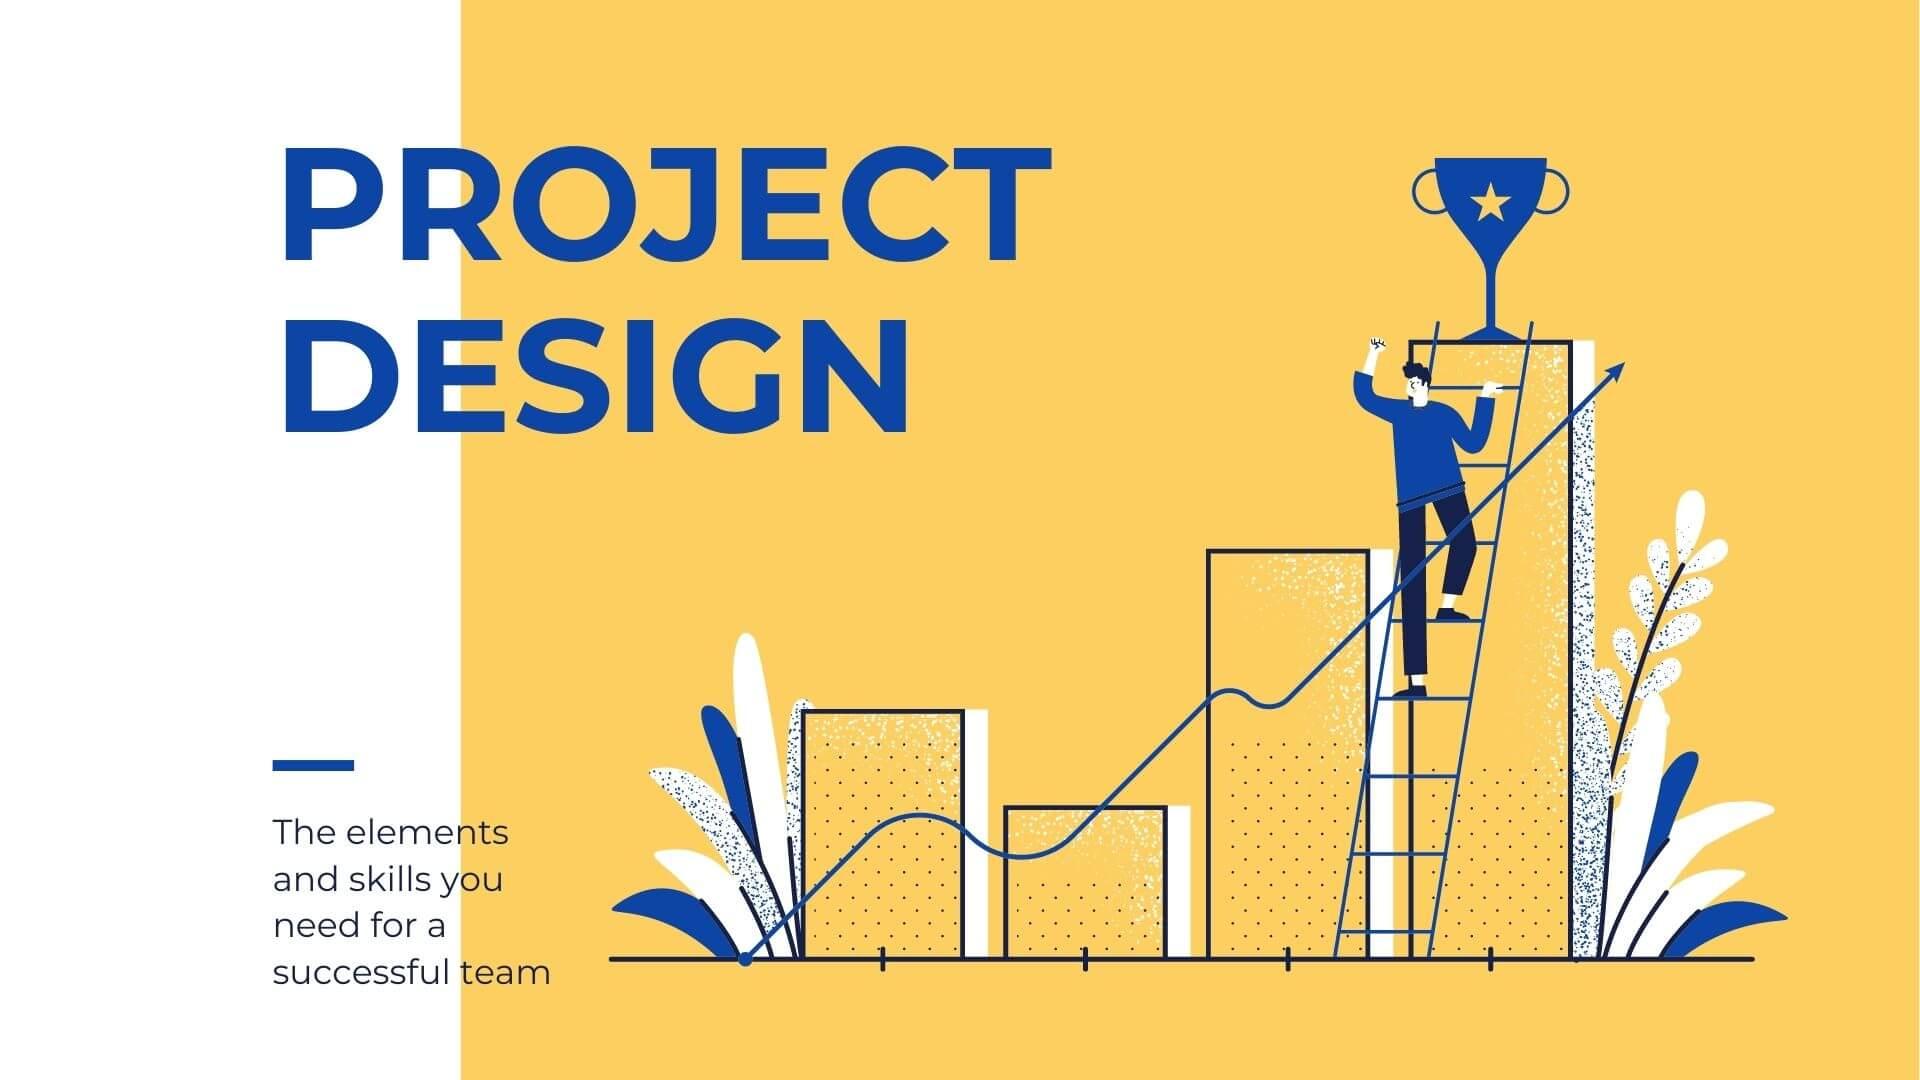 イノベーションを促進するプロジェクトデザイナーとは?